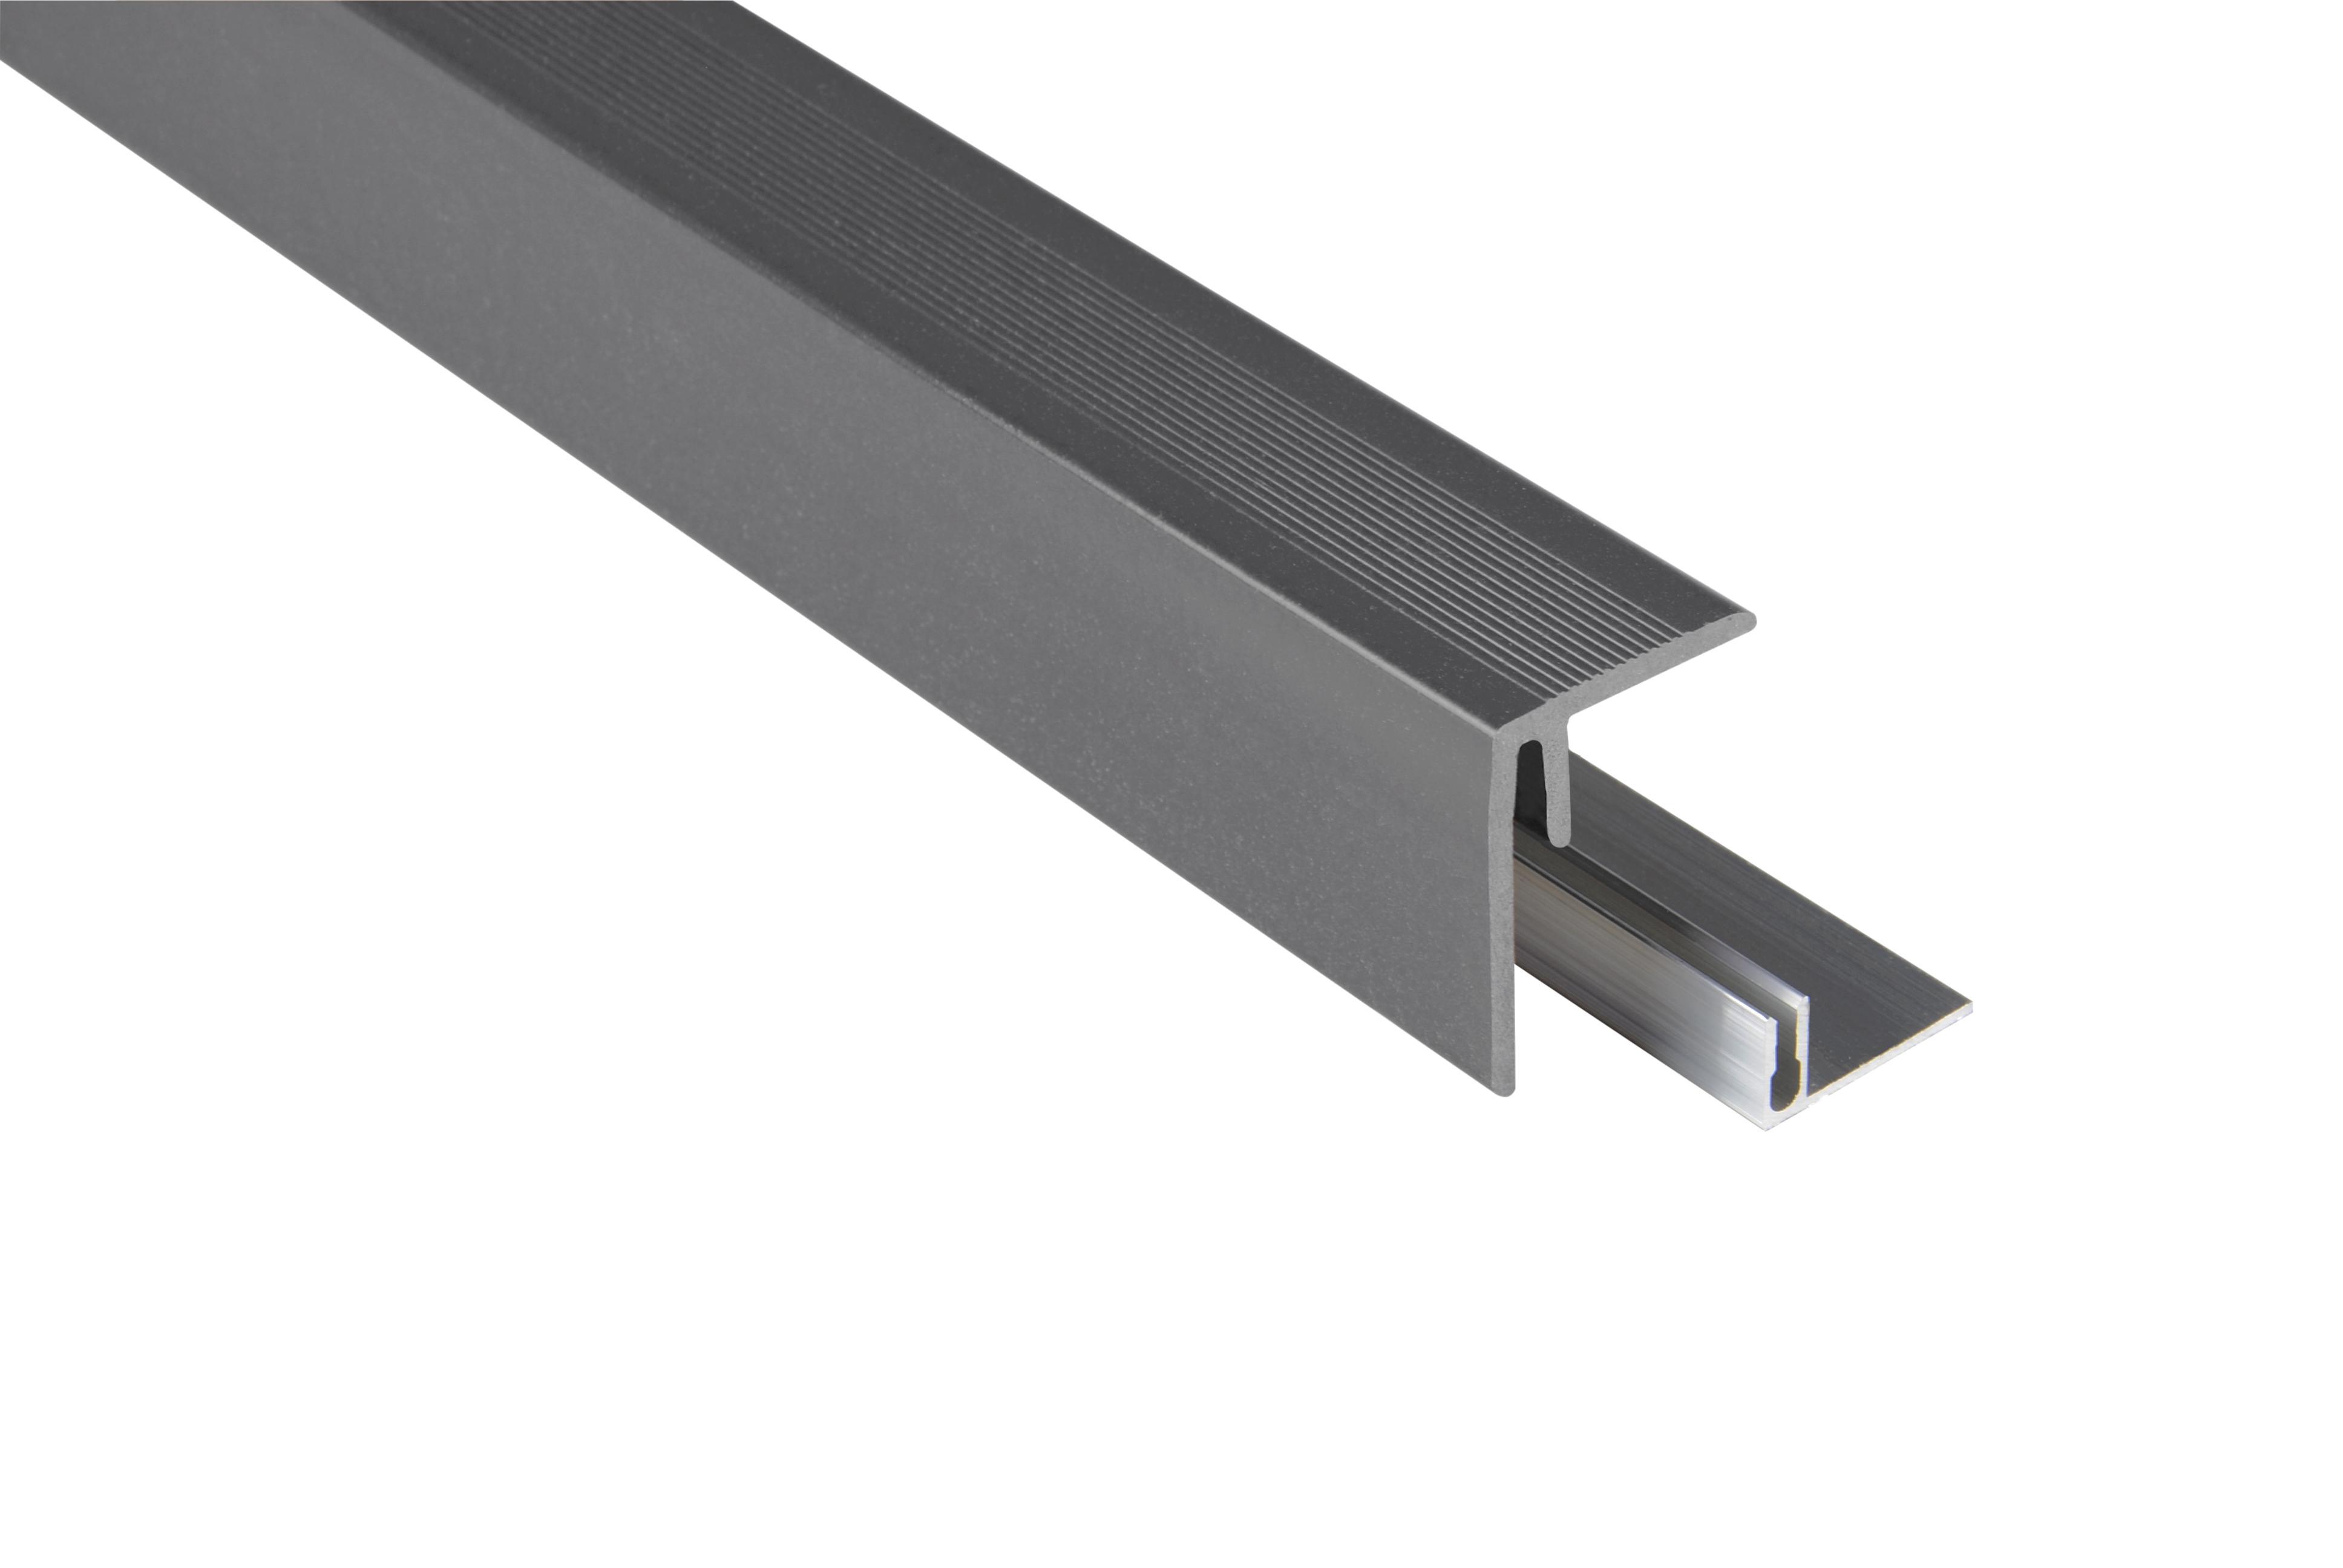 Kovalex WPC Seitenabschluss inkl. Befestigungsprofil - Farbe: Steingrau unbehandelt - Abmessung: 47x62x2.500 mm - Nur für Terrassendielen mit einer Stärke von 26 mm geeignet